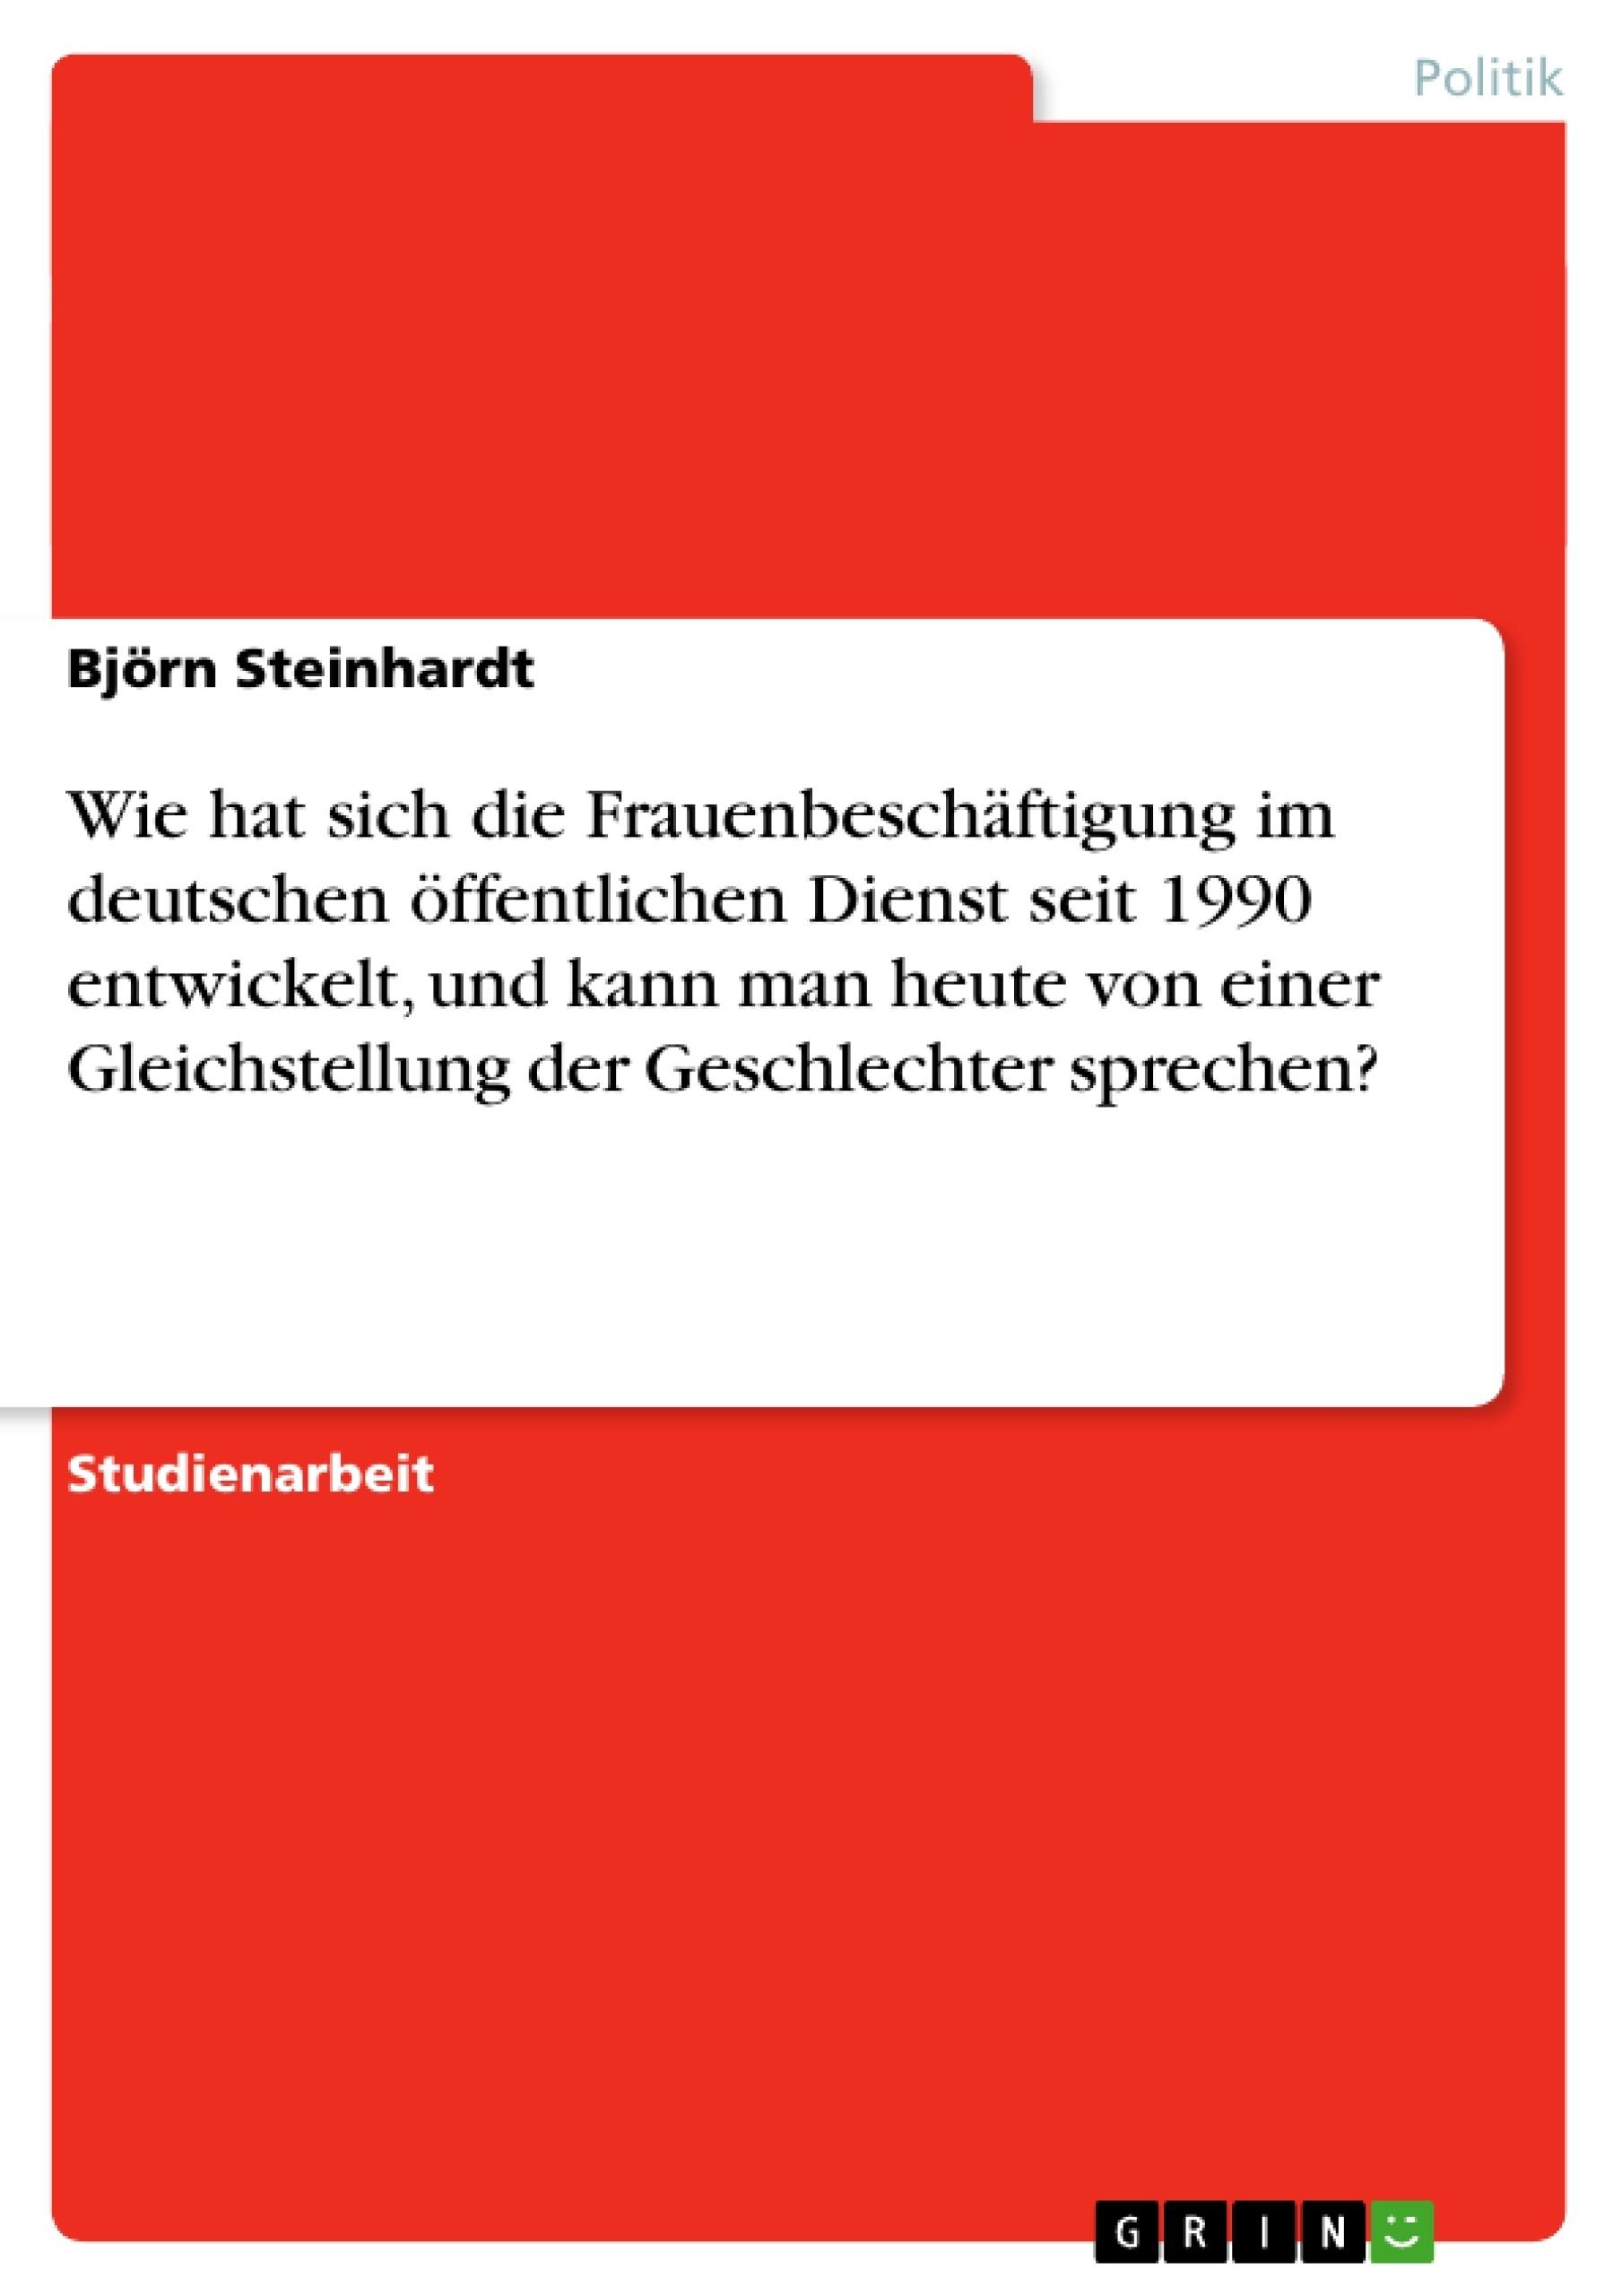 Titel: Wie hat sich die Frauenbeschäftigung im deutschen öffentlichen Dienst seit 1990 entwickelt, und kann man heute von einer Gleichstellung der Geschlechter sprechen?